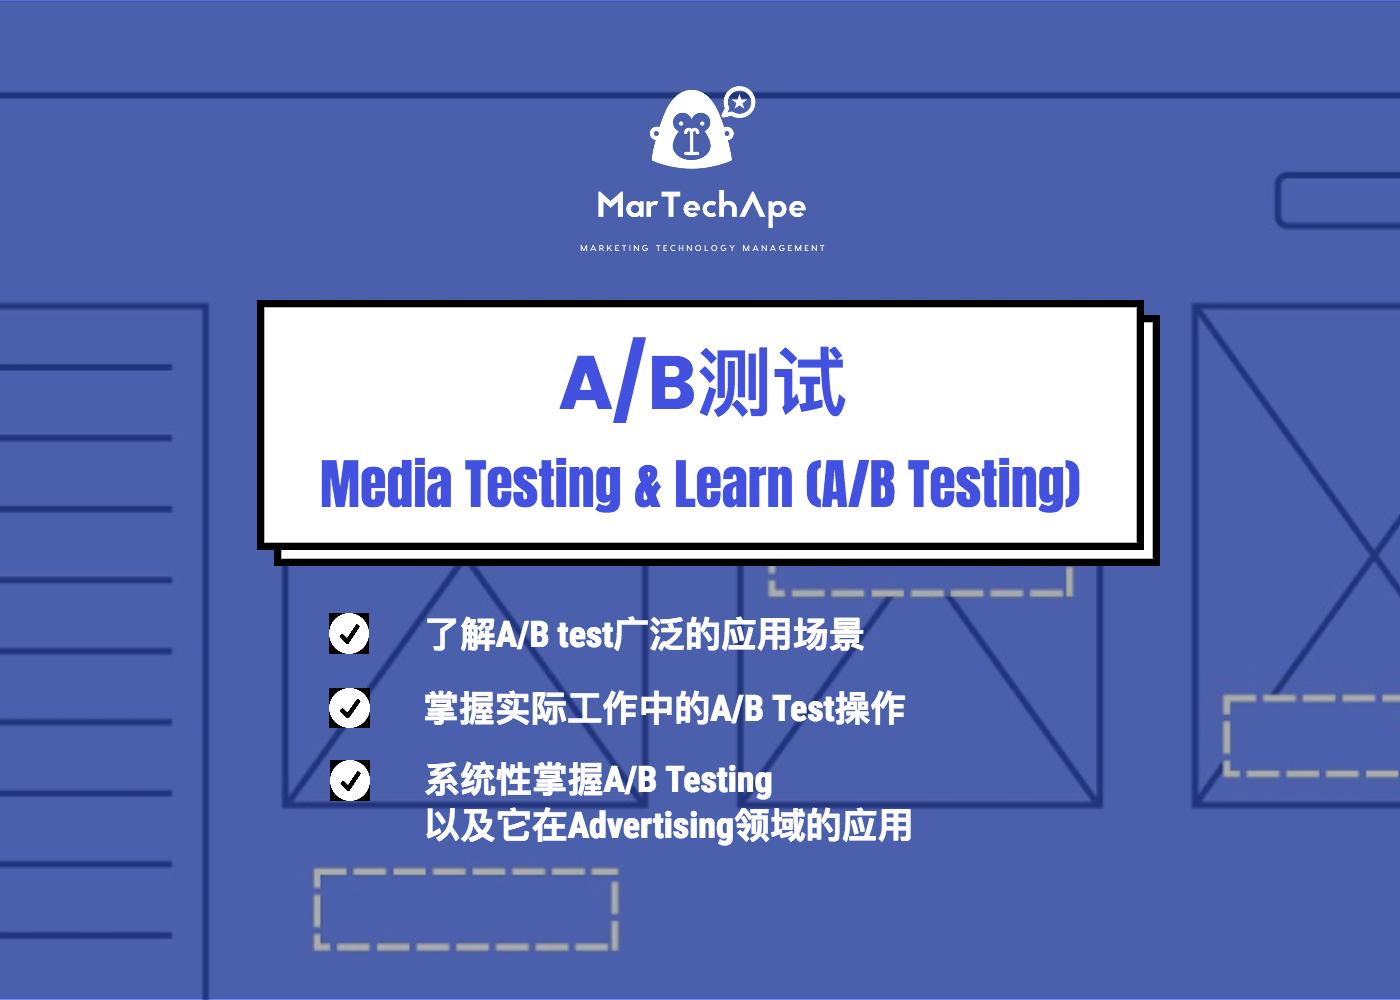 A_B Testing新海报.jpg